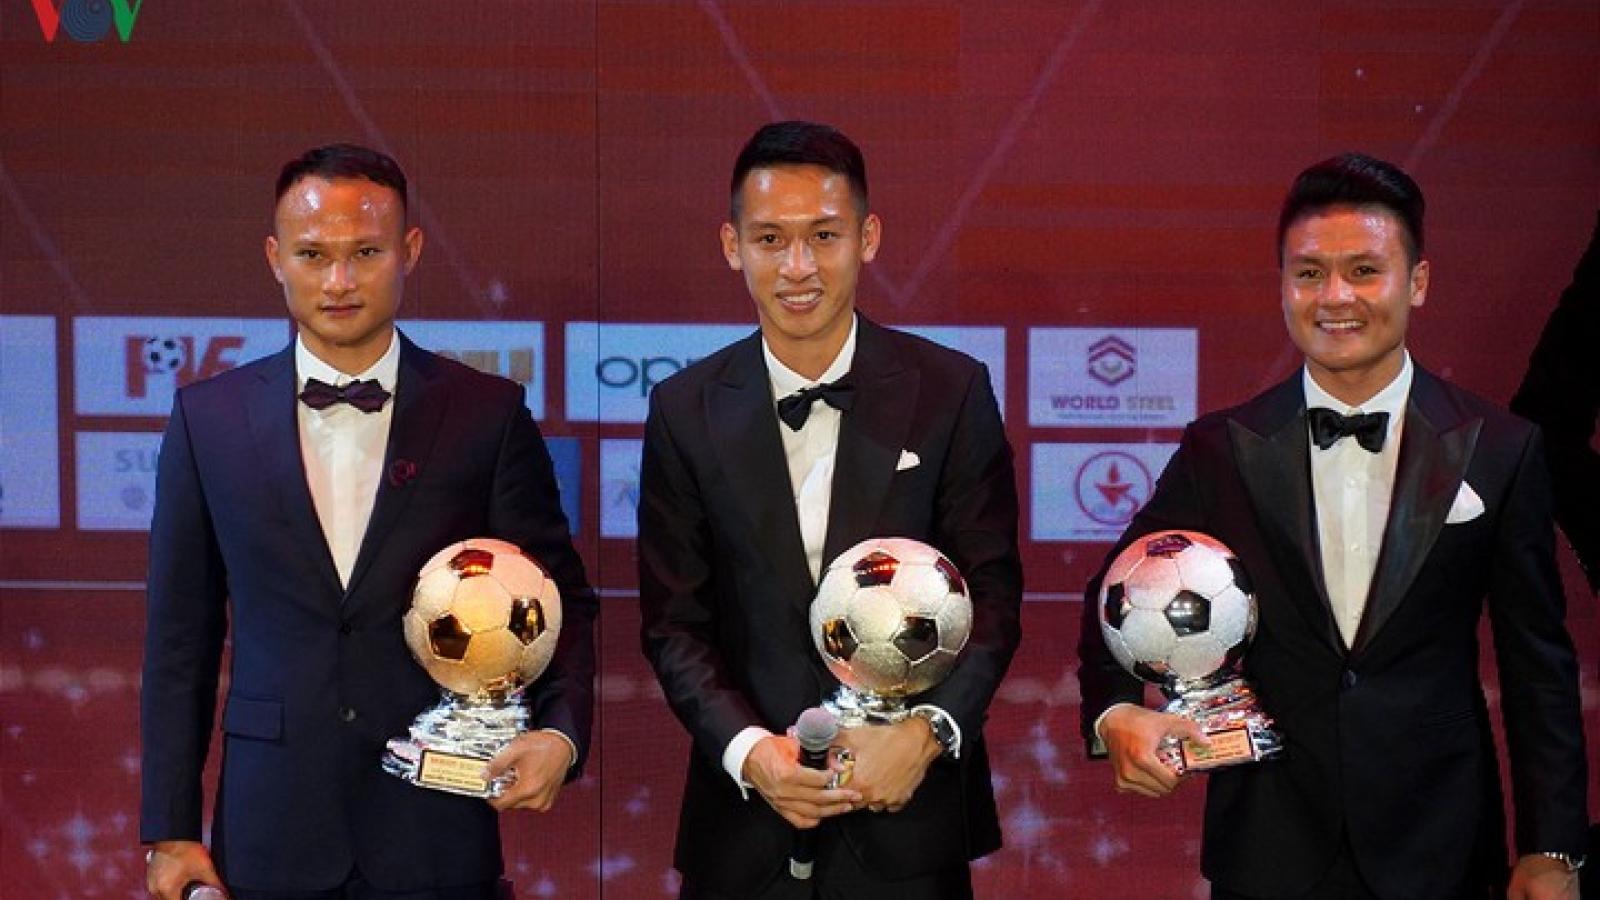 BLV Anh Ngọc: Quang Hải hay nhưng chưa đủ để đoạt Quả bóng Bạc 2019